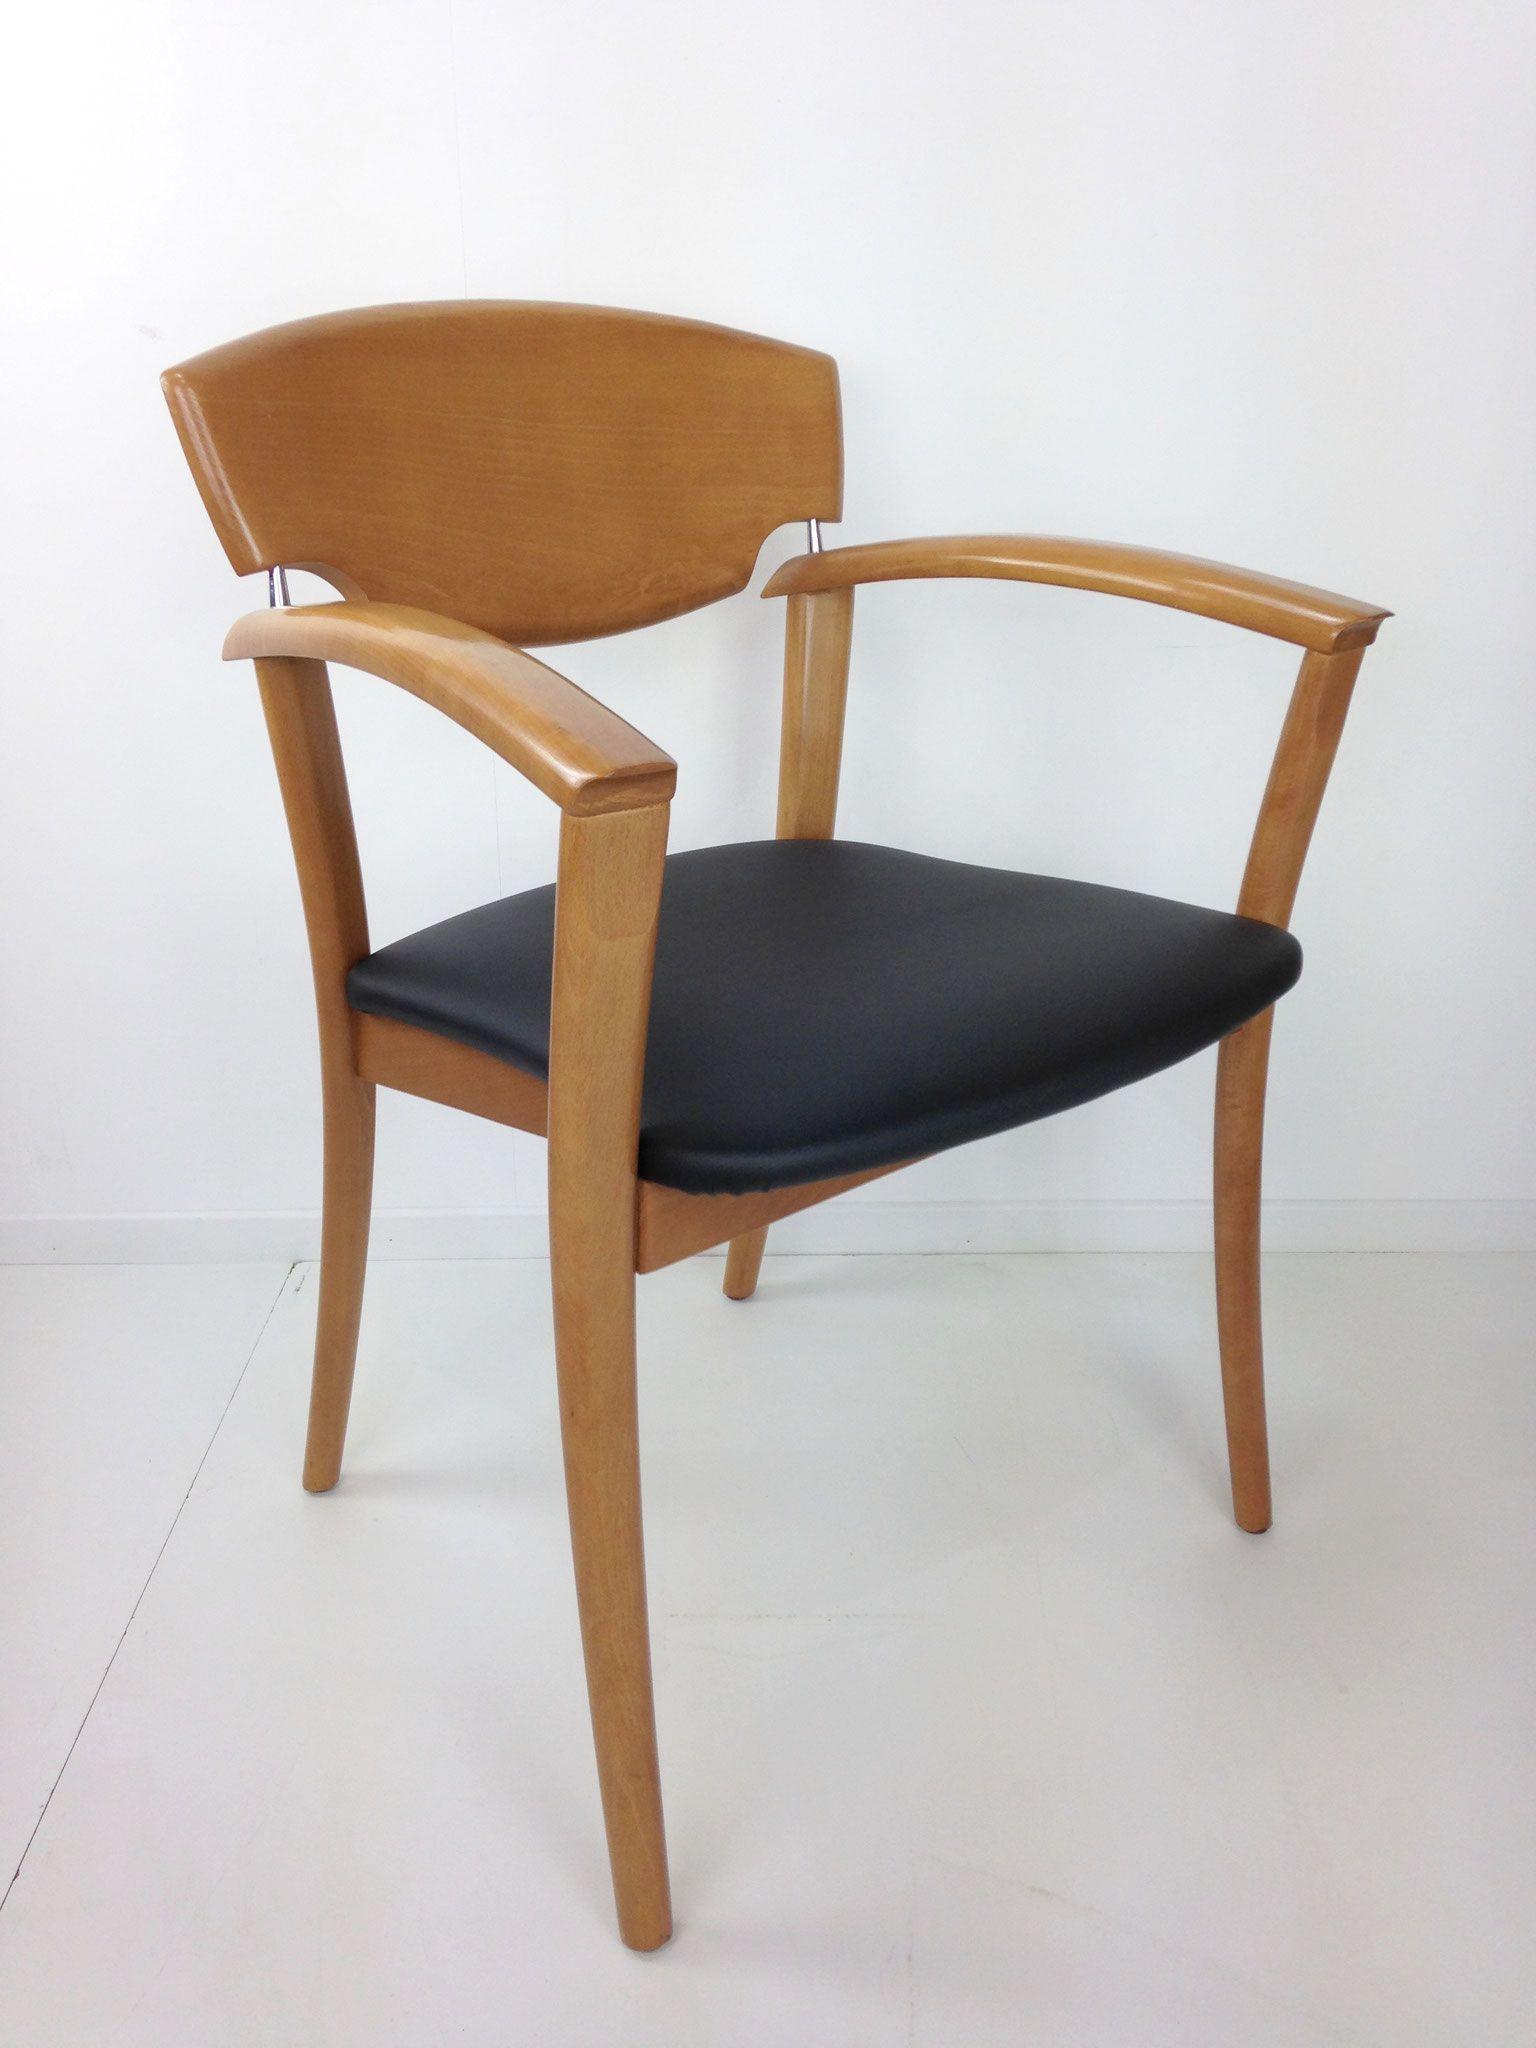 Fauteuil design en bois et simili cuir noir design années 80